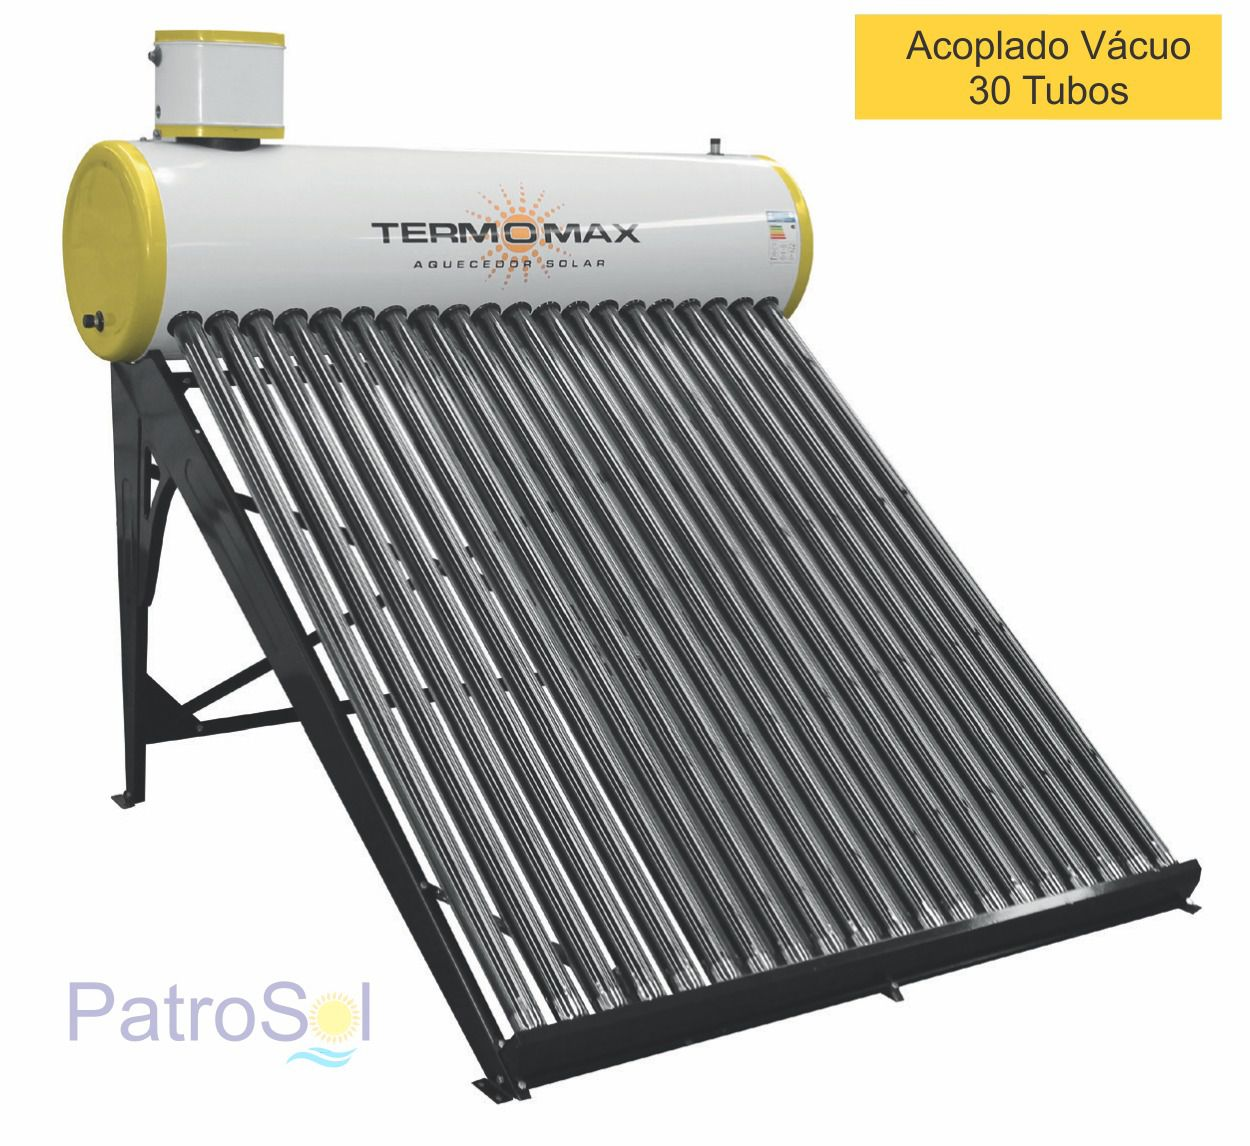 Aquecedor Solar Acoplado 300 Litros MAX VÁCUO 30 Tubos TERMOMAX